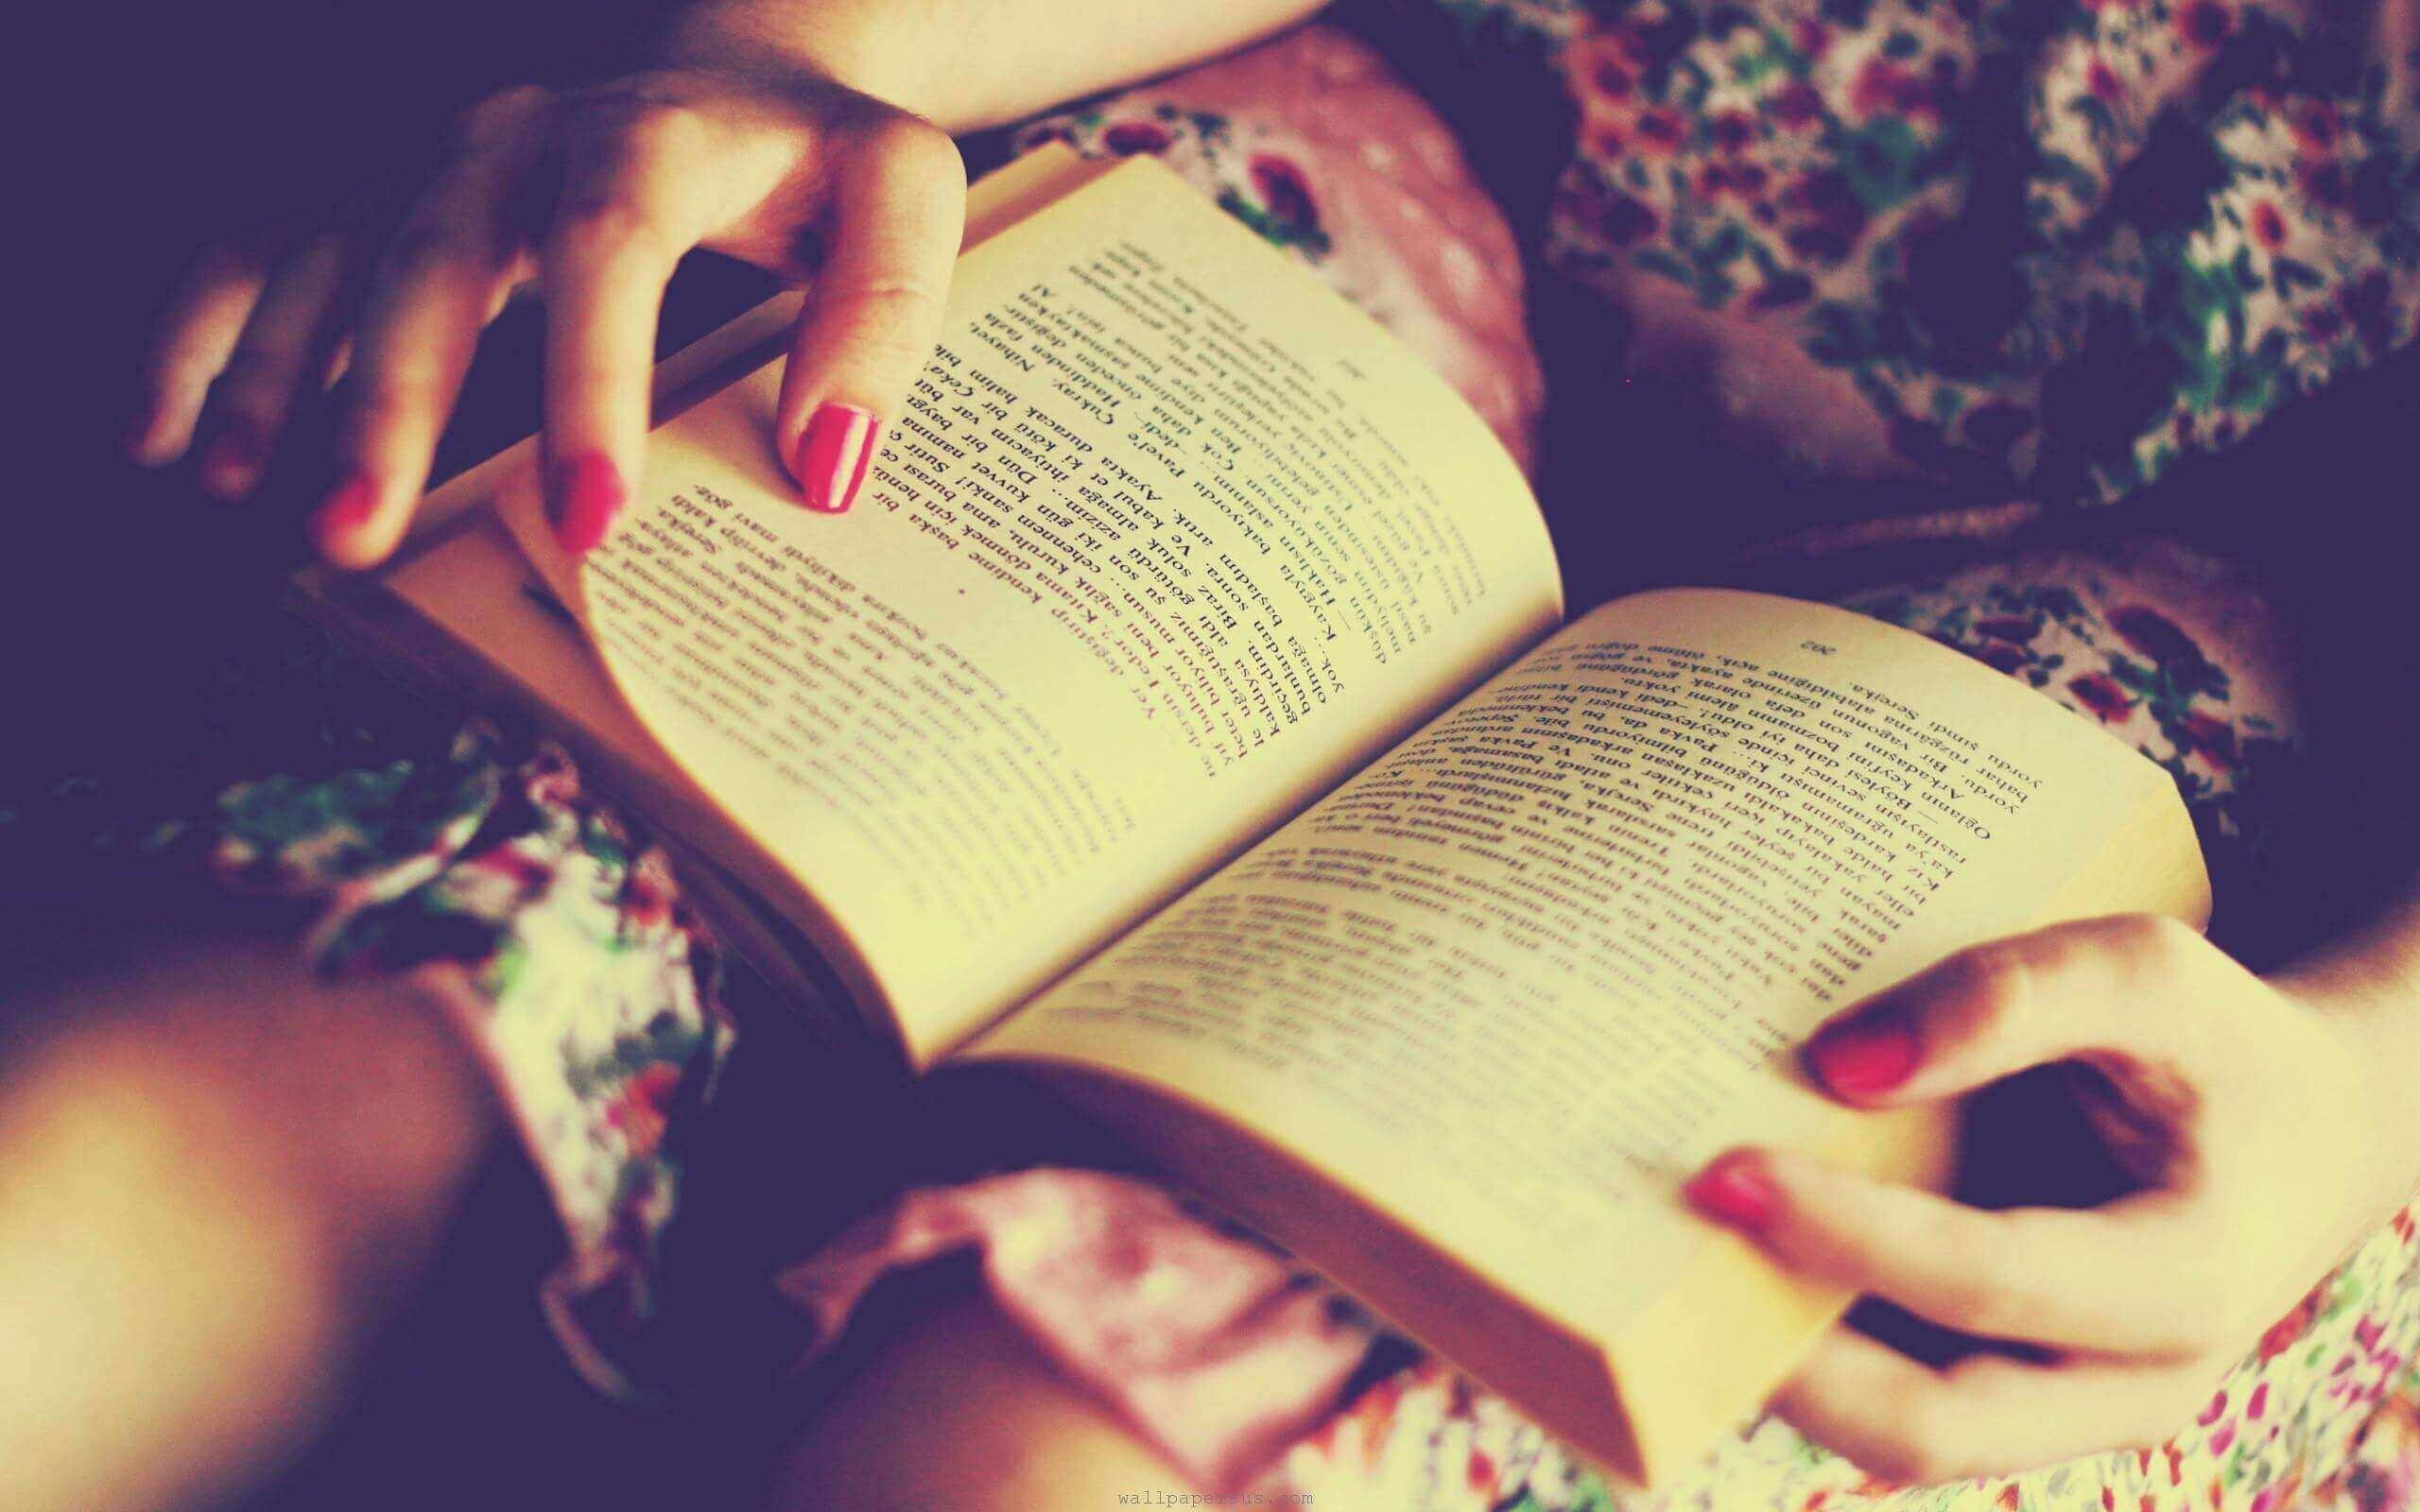 lukeminen illalla auttaa aivoja